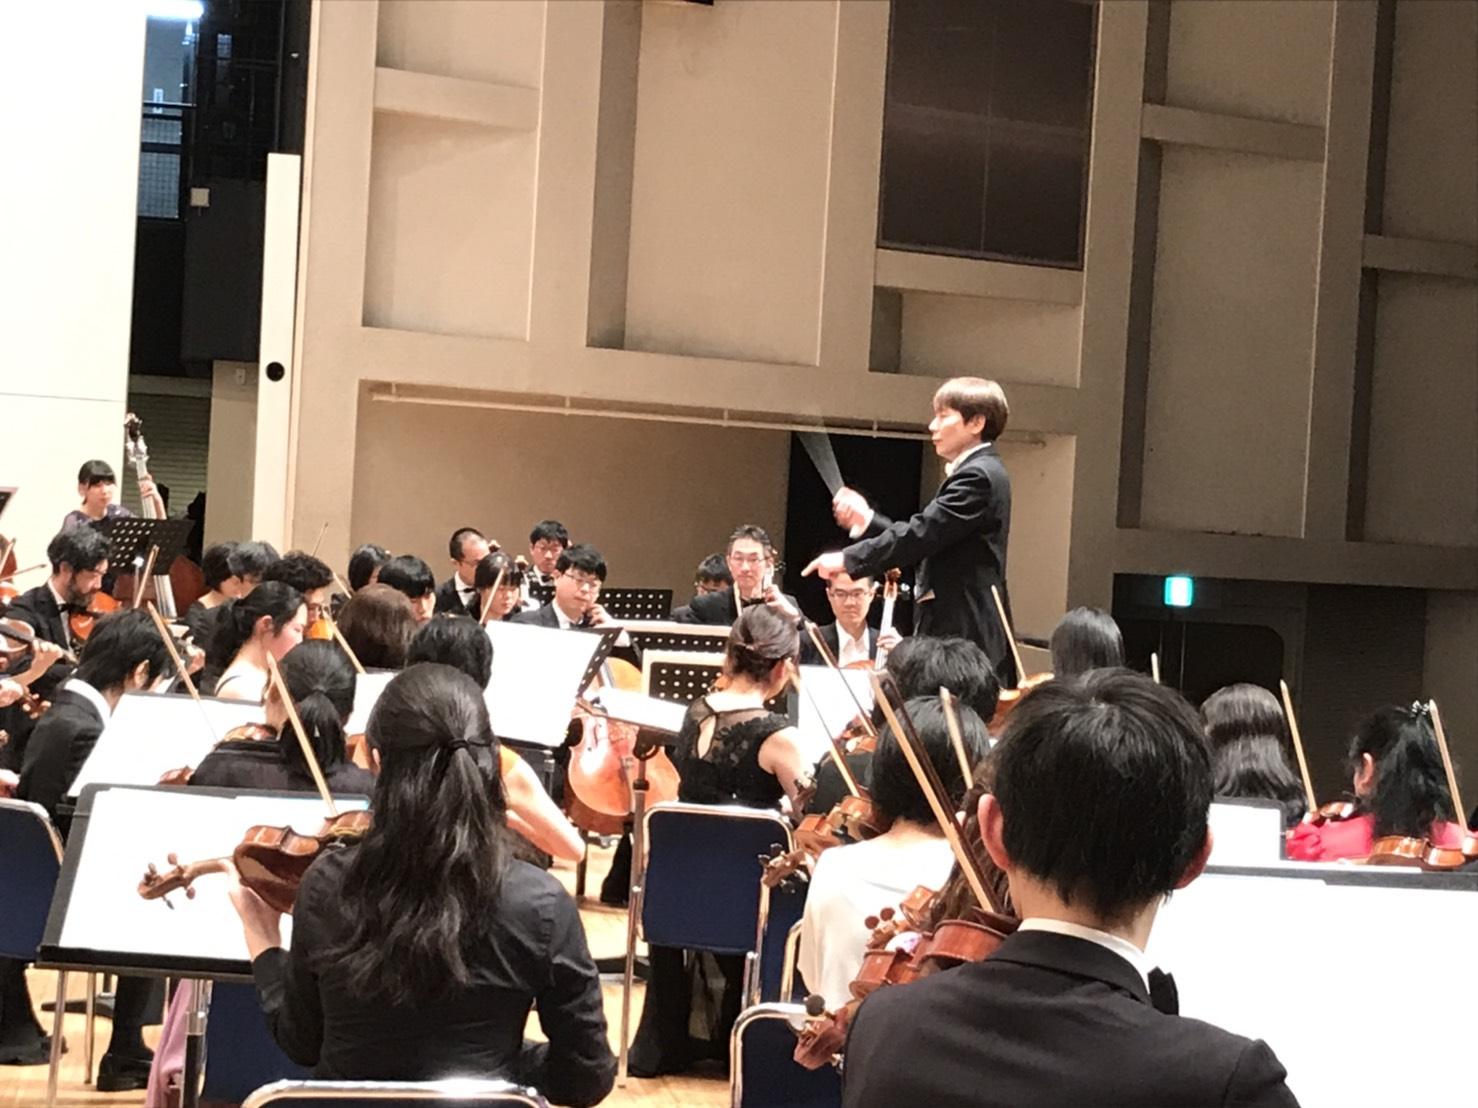 国立音楽院管弦楽団が人見記念講堂で演奏している様子。ステージ袖からのアングル。